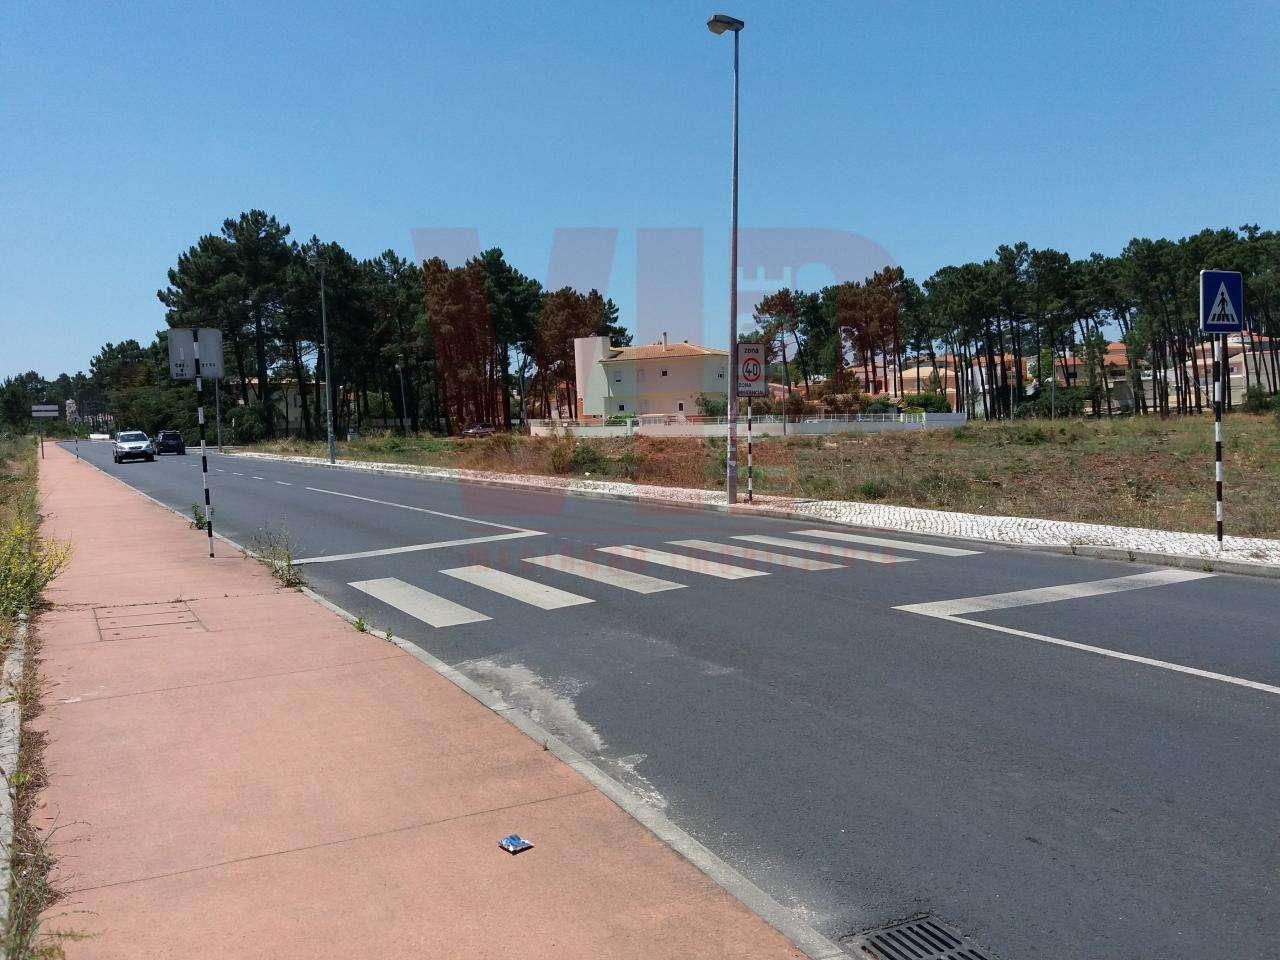 Terreno para comprar, Corroios, Seixal, Setúbal - Foto 8